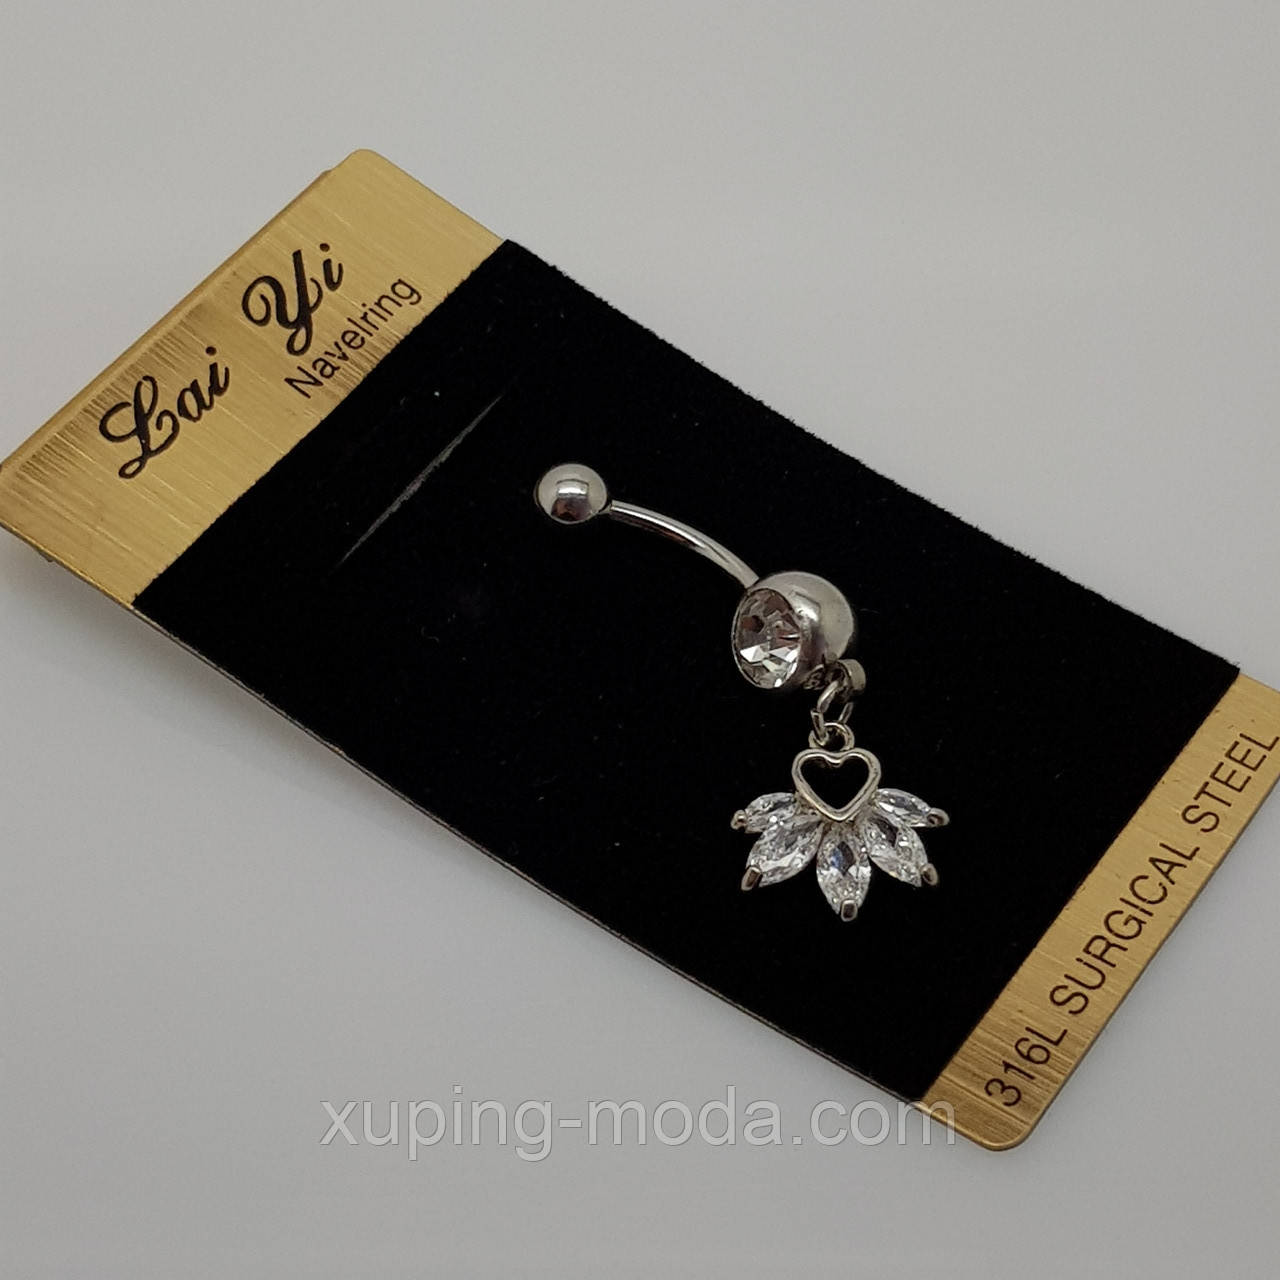 Пирсинг для пупка, из хирургической стали, в виде цветка, под серебро